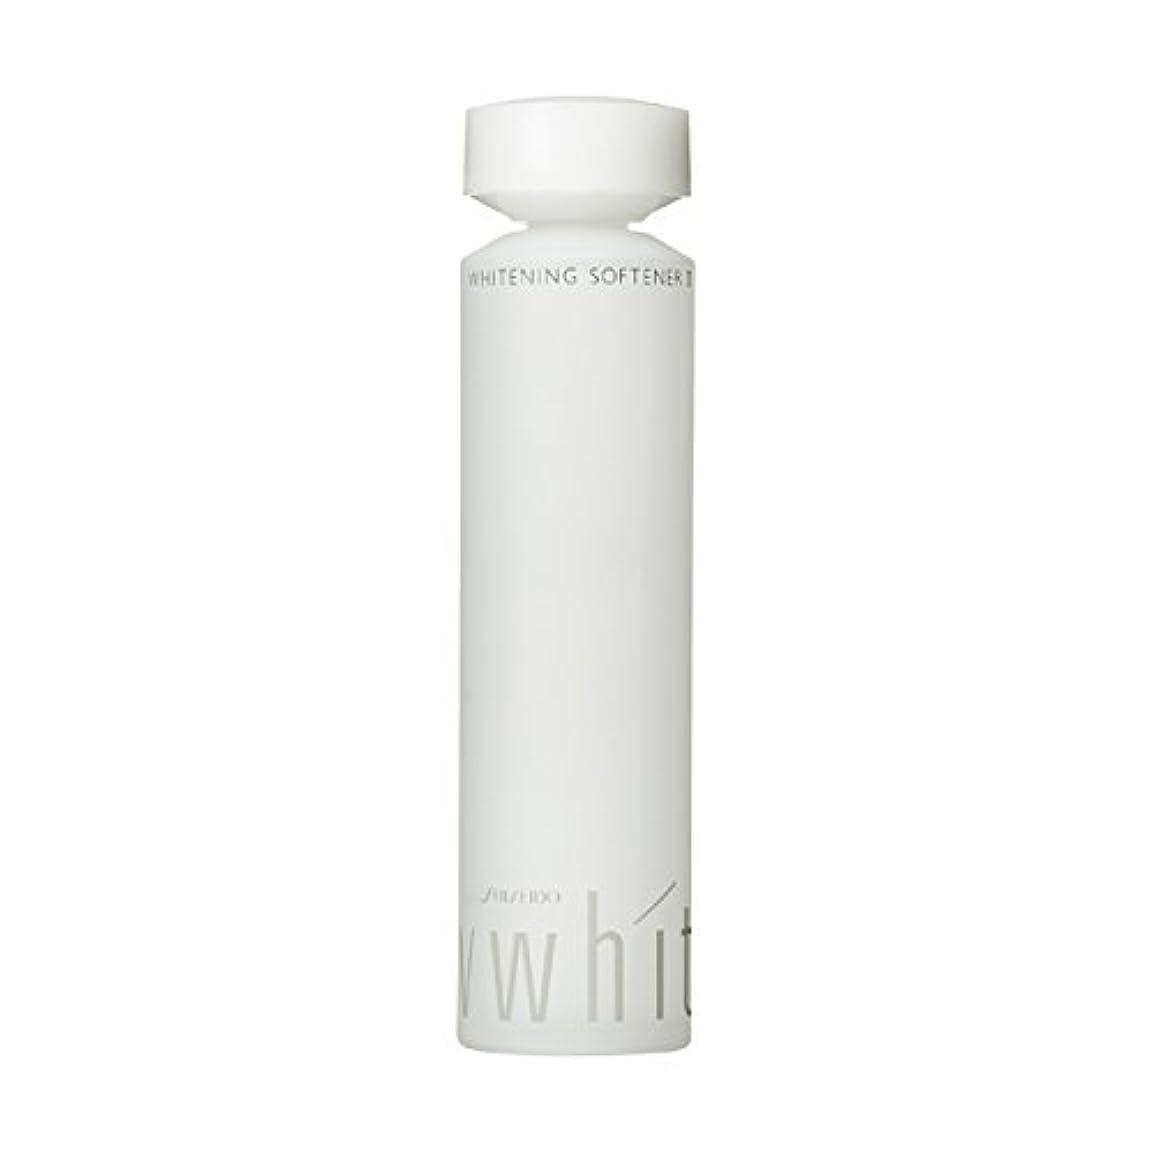 プロジェクター肌撤回するUVホワイト ホワイトニング ソフナー 2 150mL [医薬部外品]